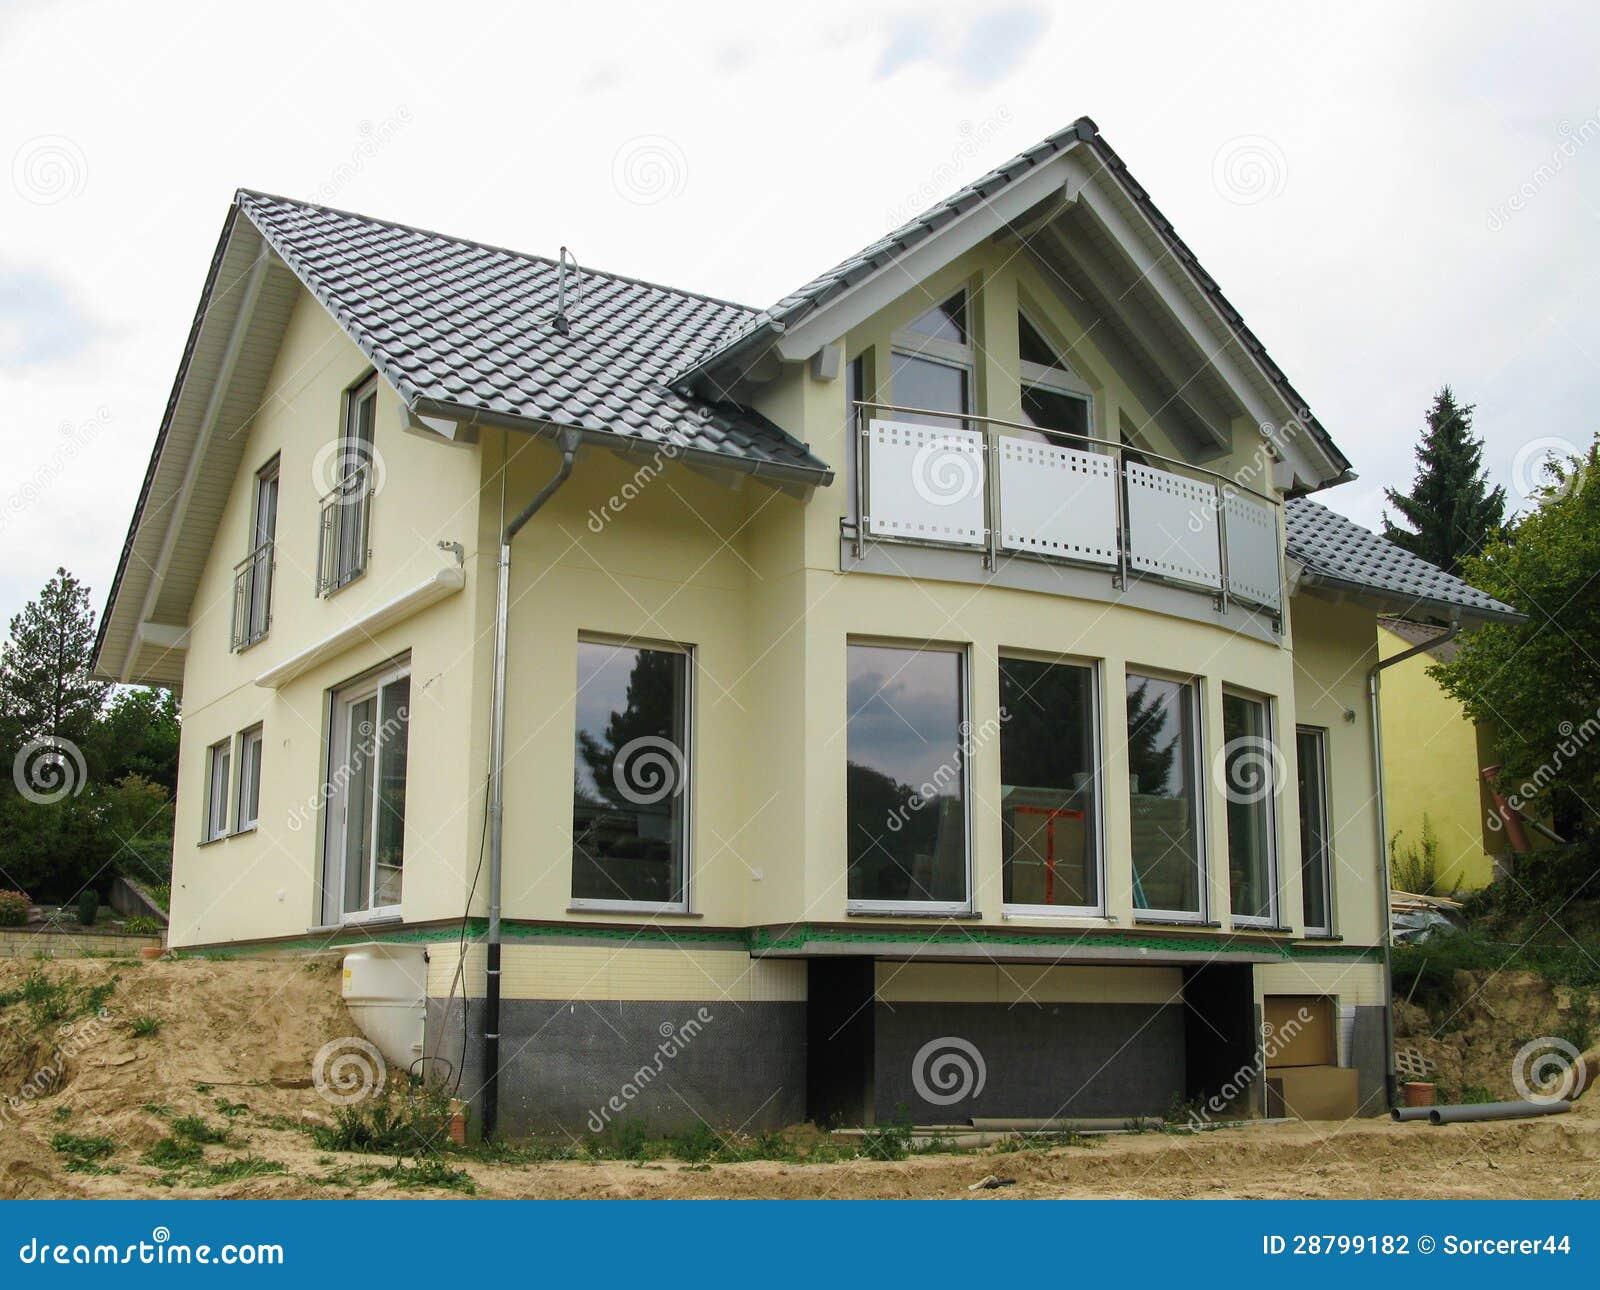 modernt singel familj hus med exponeringsglasframdelen arkivbild bild 28799182. Black Bedroom Furniture Sets. Home Design Ideas